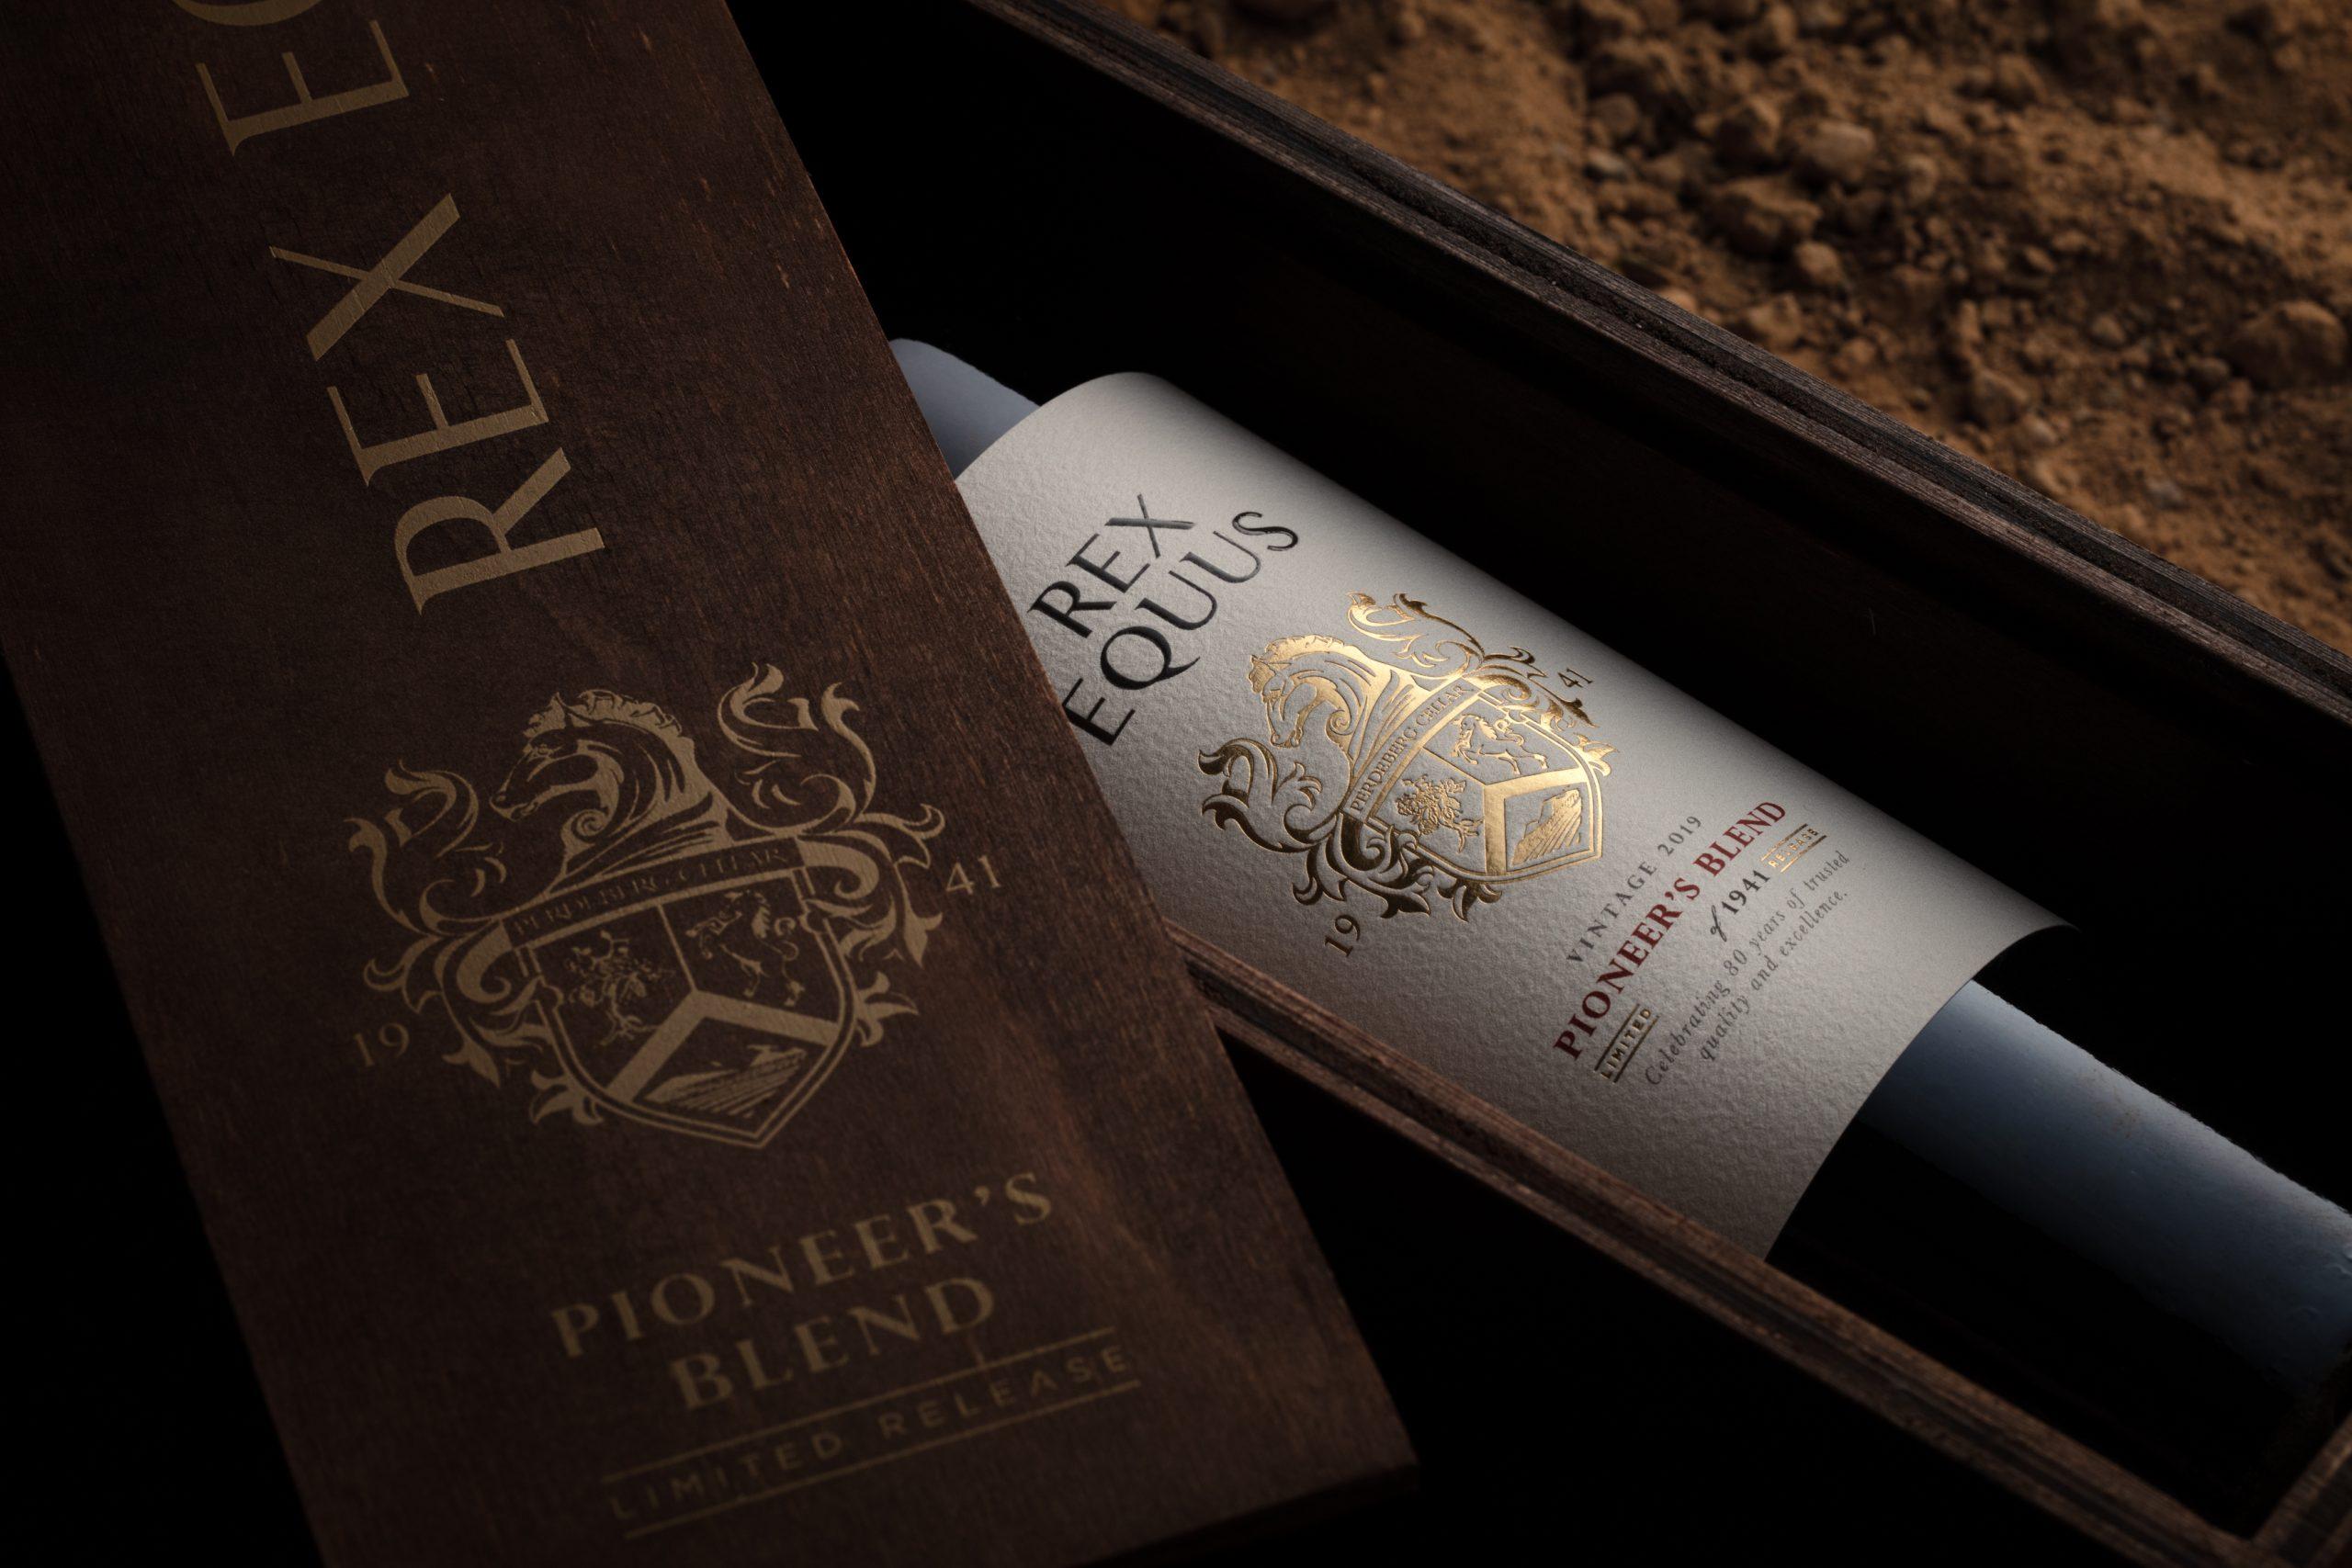 Perdeberg Rex Equus Pioneer's Blend